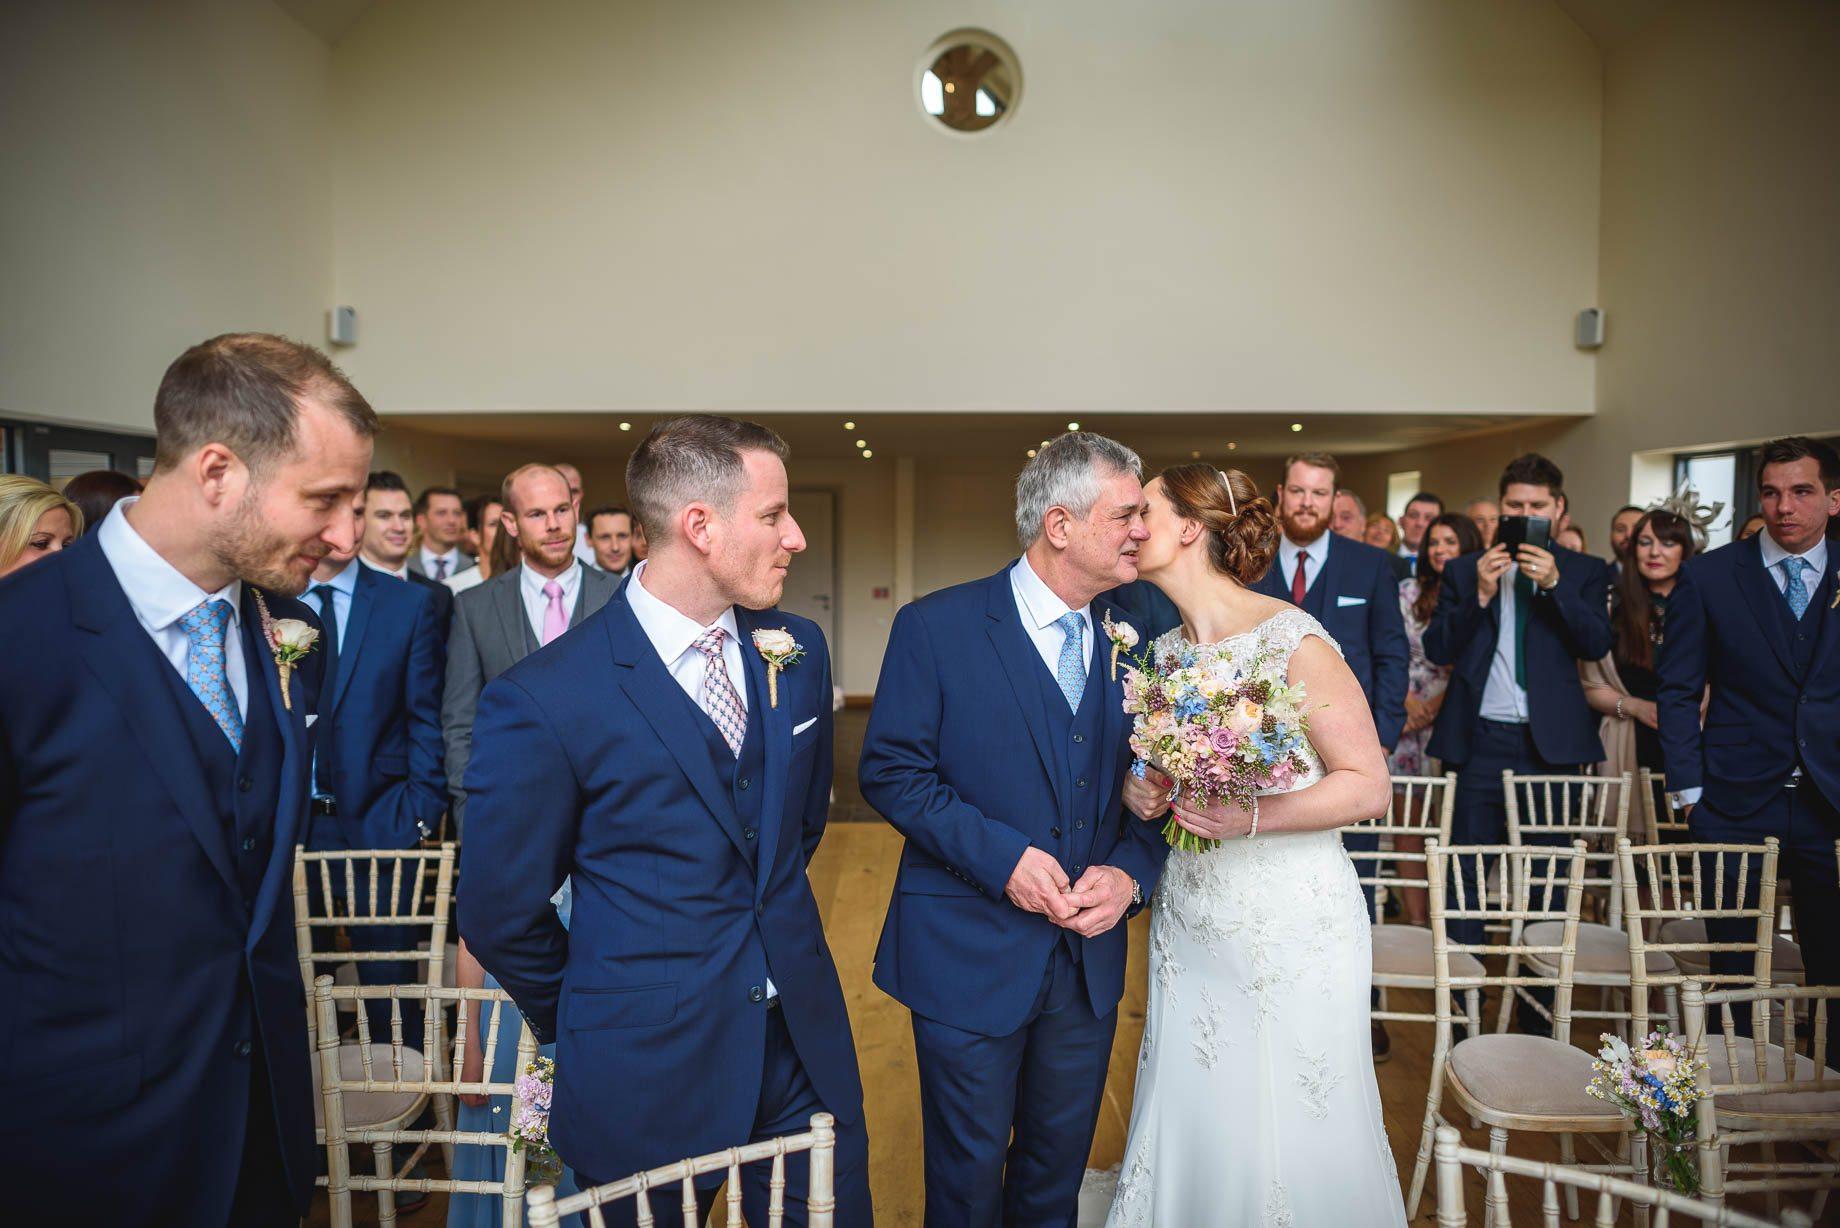 Millbridge Court Wedding Photography - Lisa and Daniel (57 of 173)